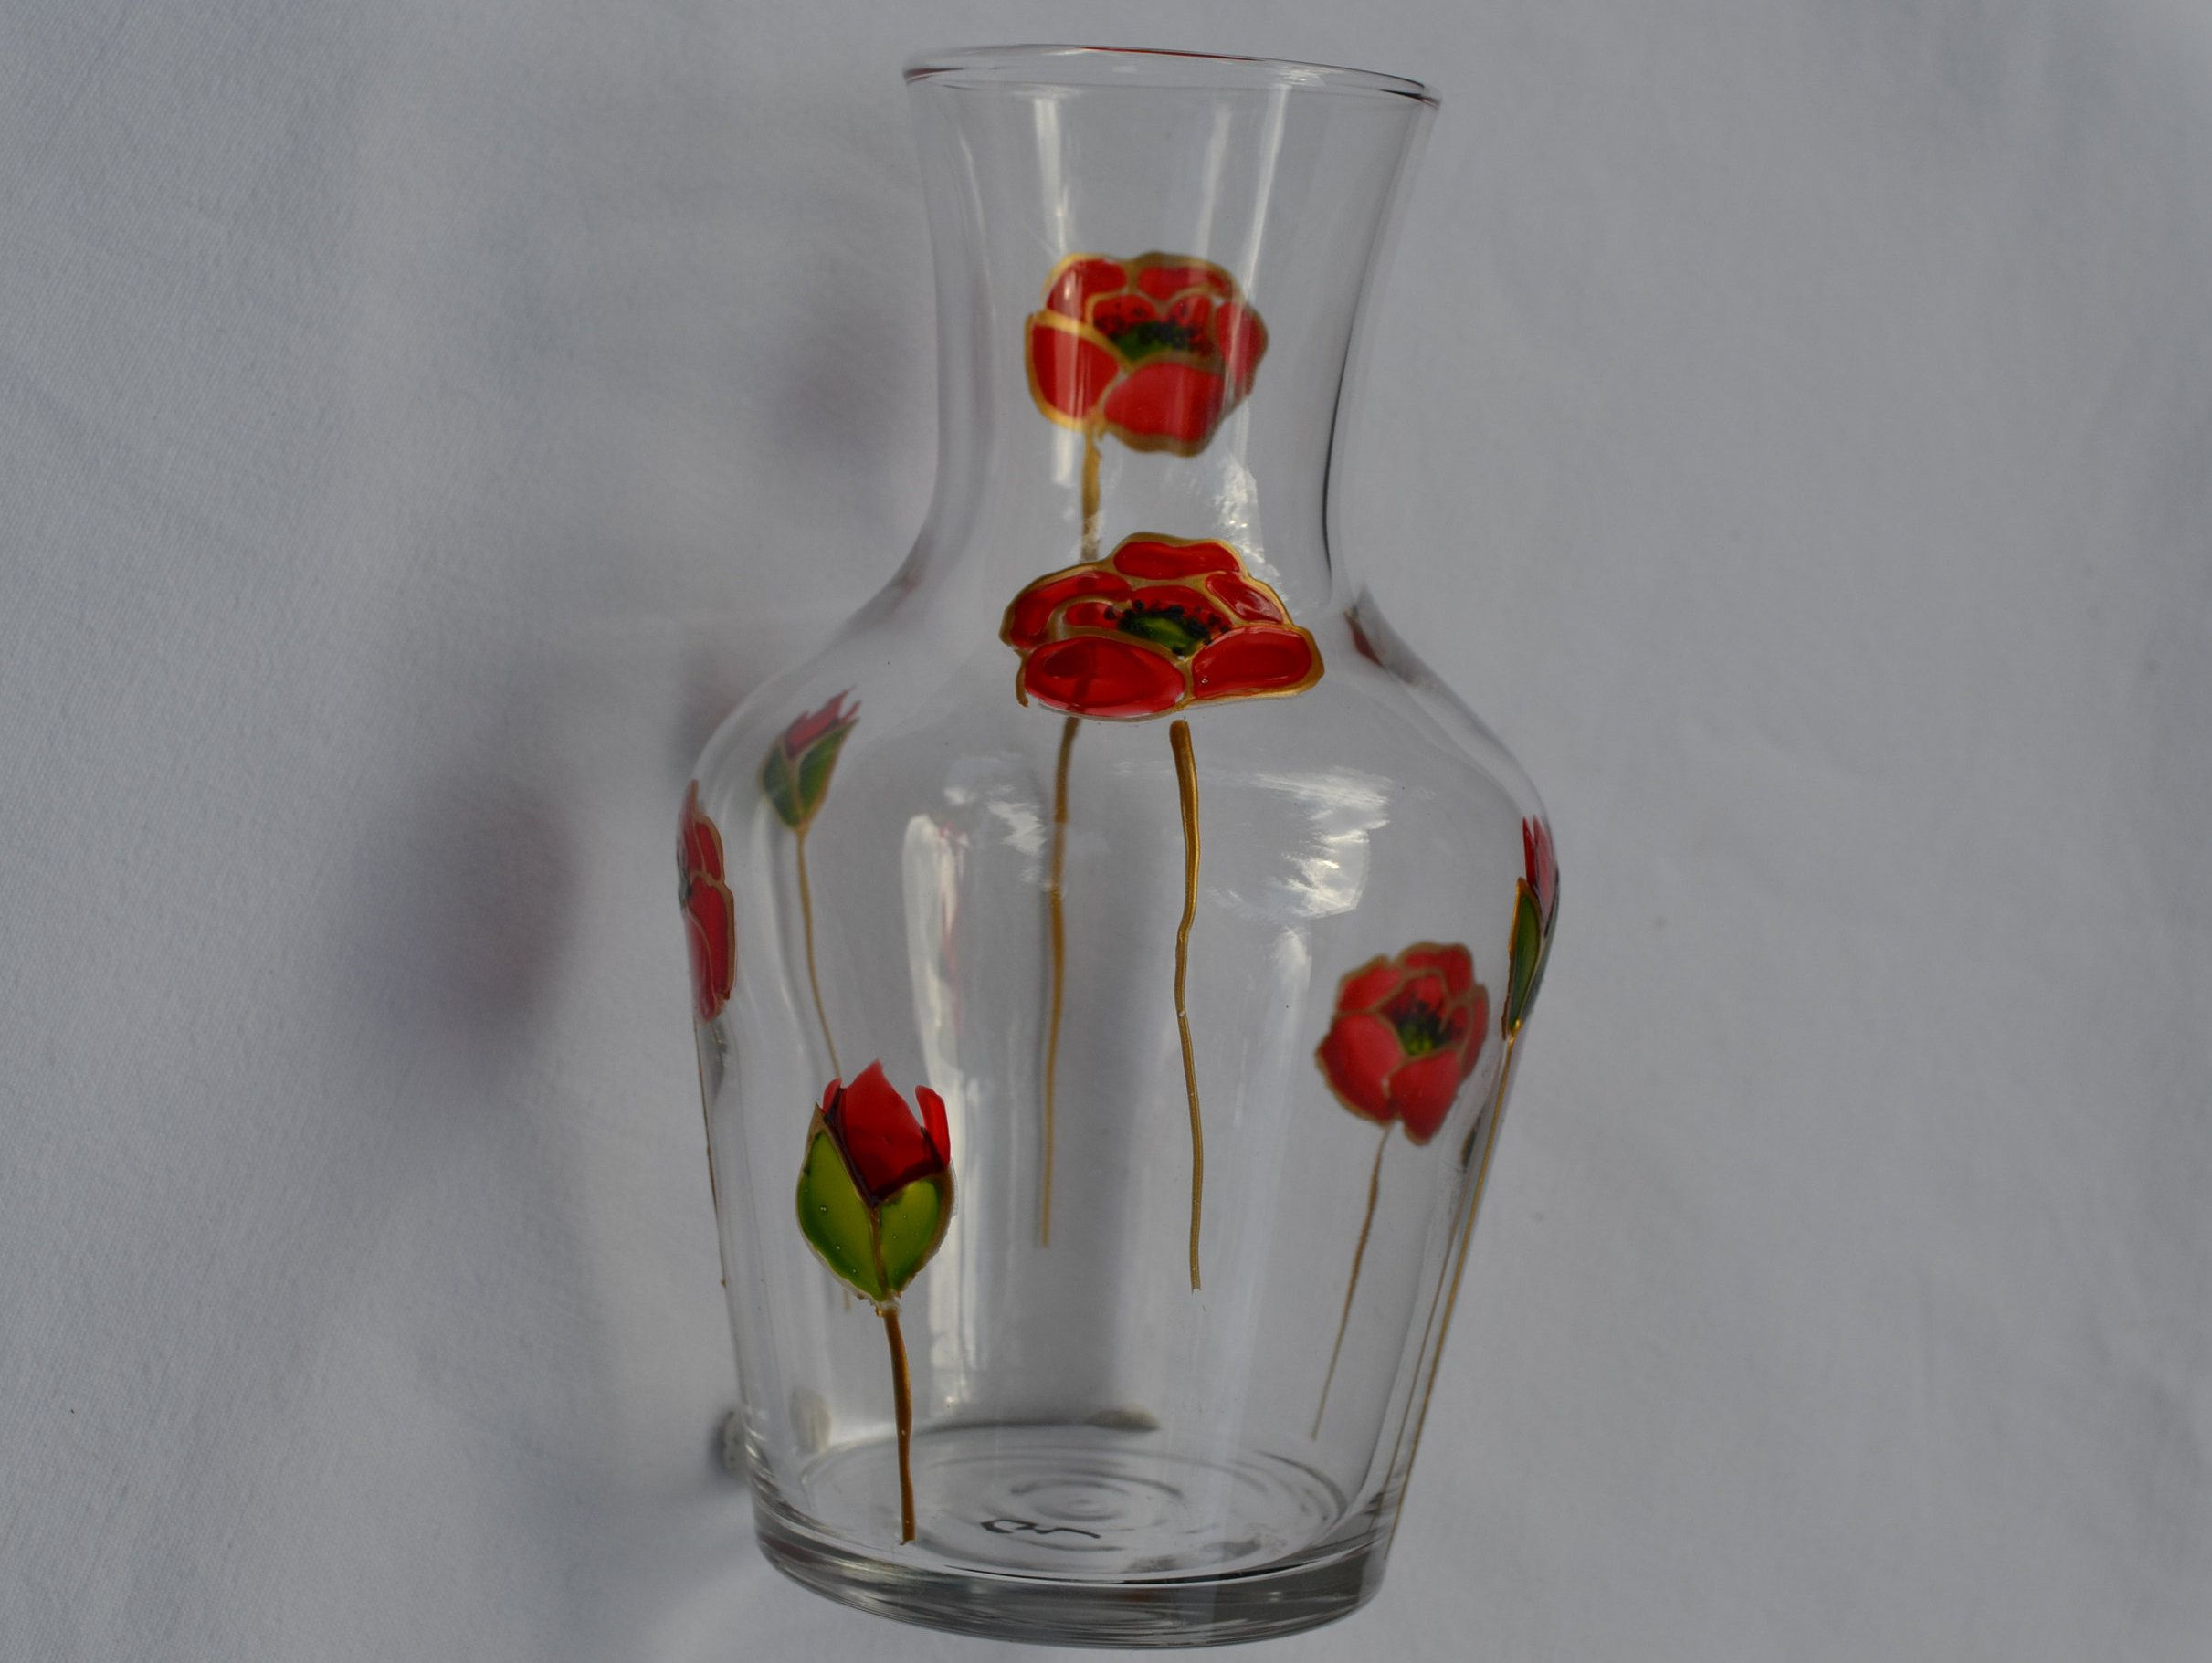 Carafe Ou Vase En Verre Peint Coquelicots Rouge Et Or Vase Peint Fleur Rouge Carafe Coquelicot Coquelicot Rouge Pei Avec Images Vases Peints Vase Verre Verres A Vin Peints